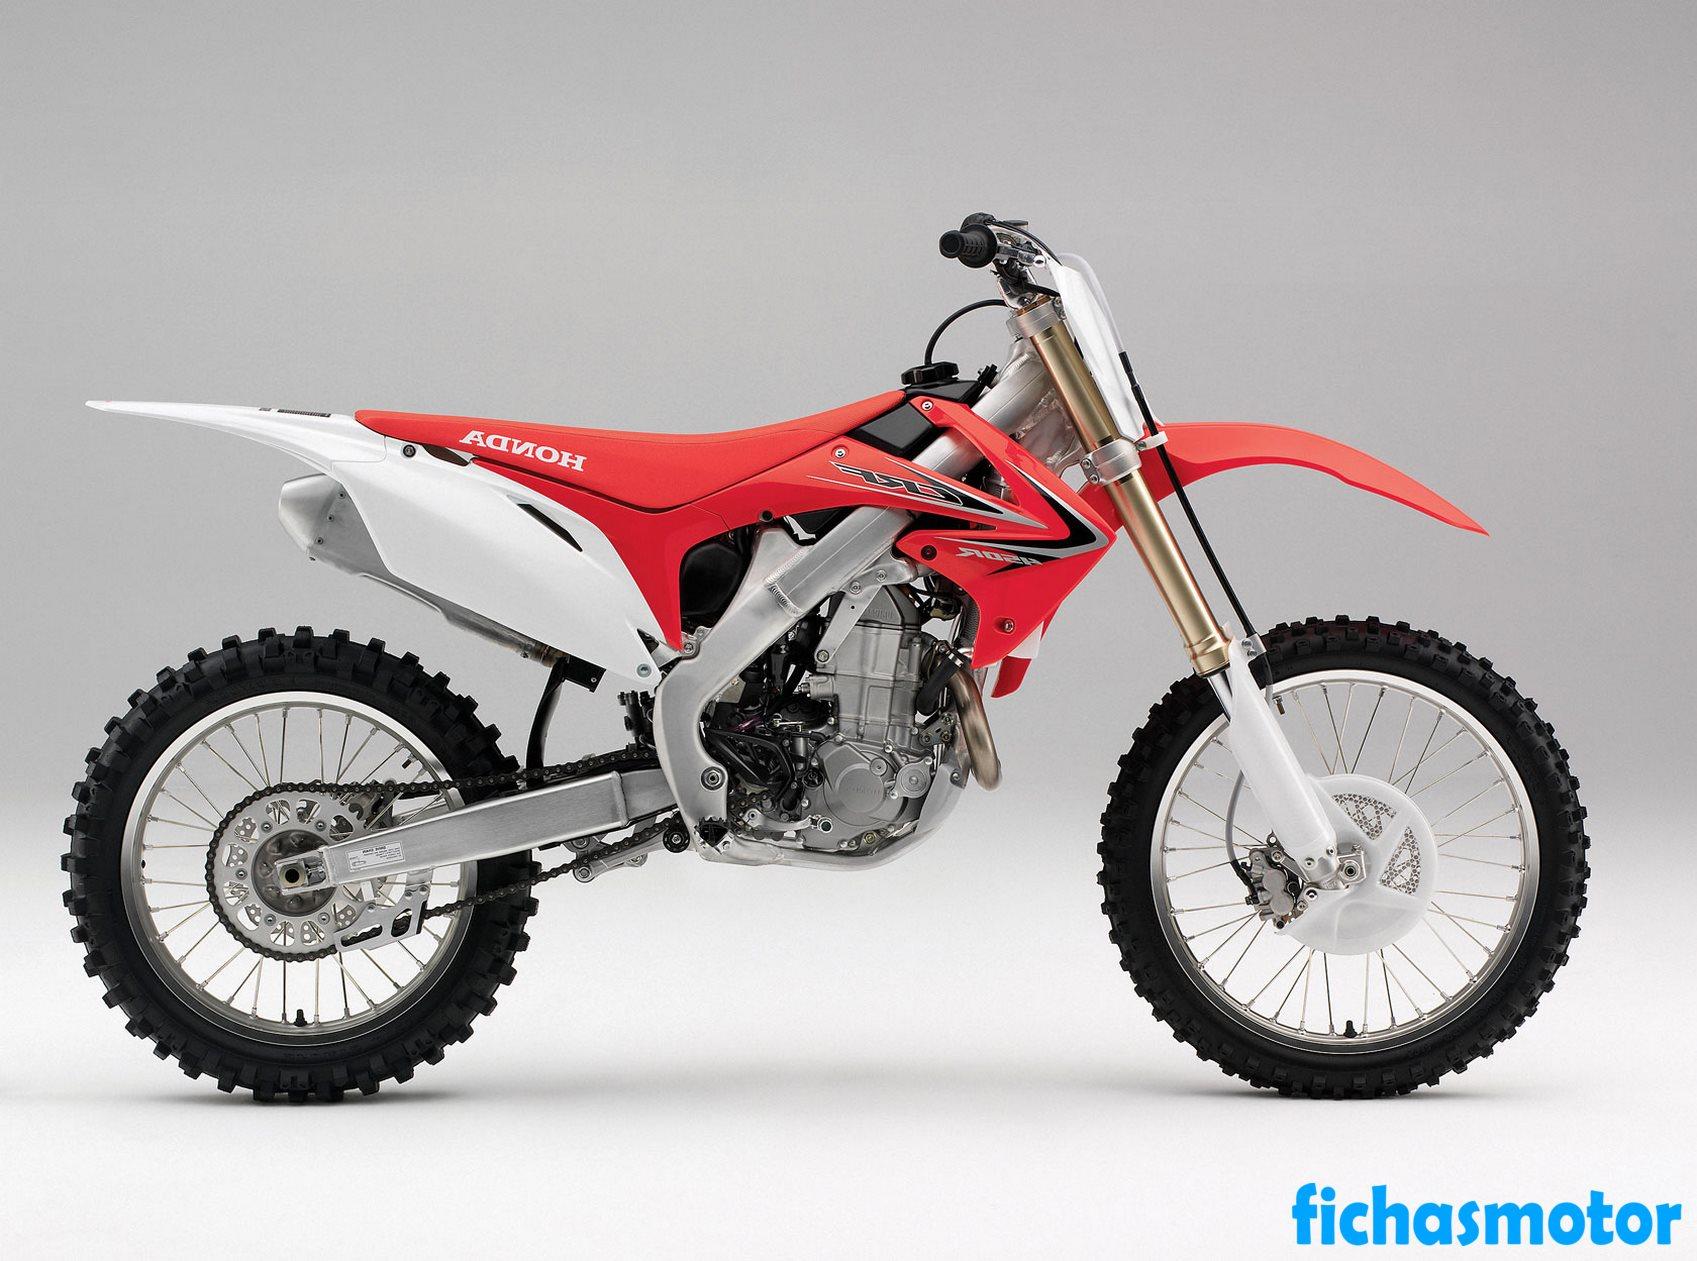 Imagen moto Honda crf450r año 2011